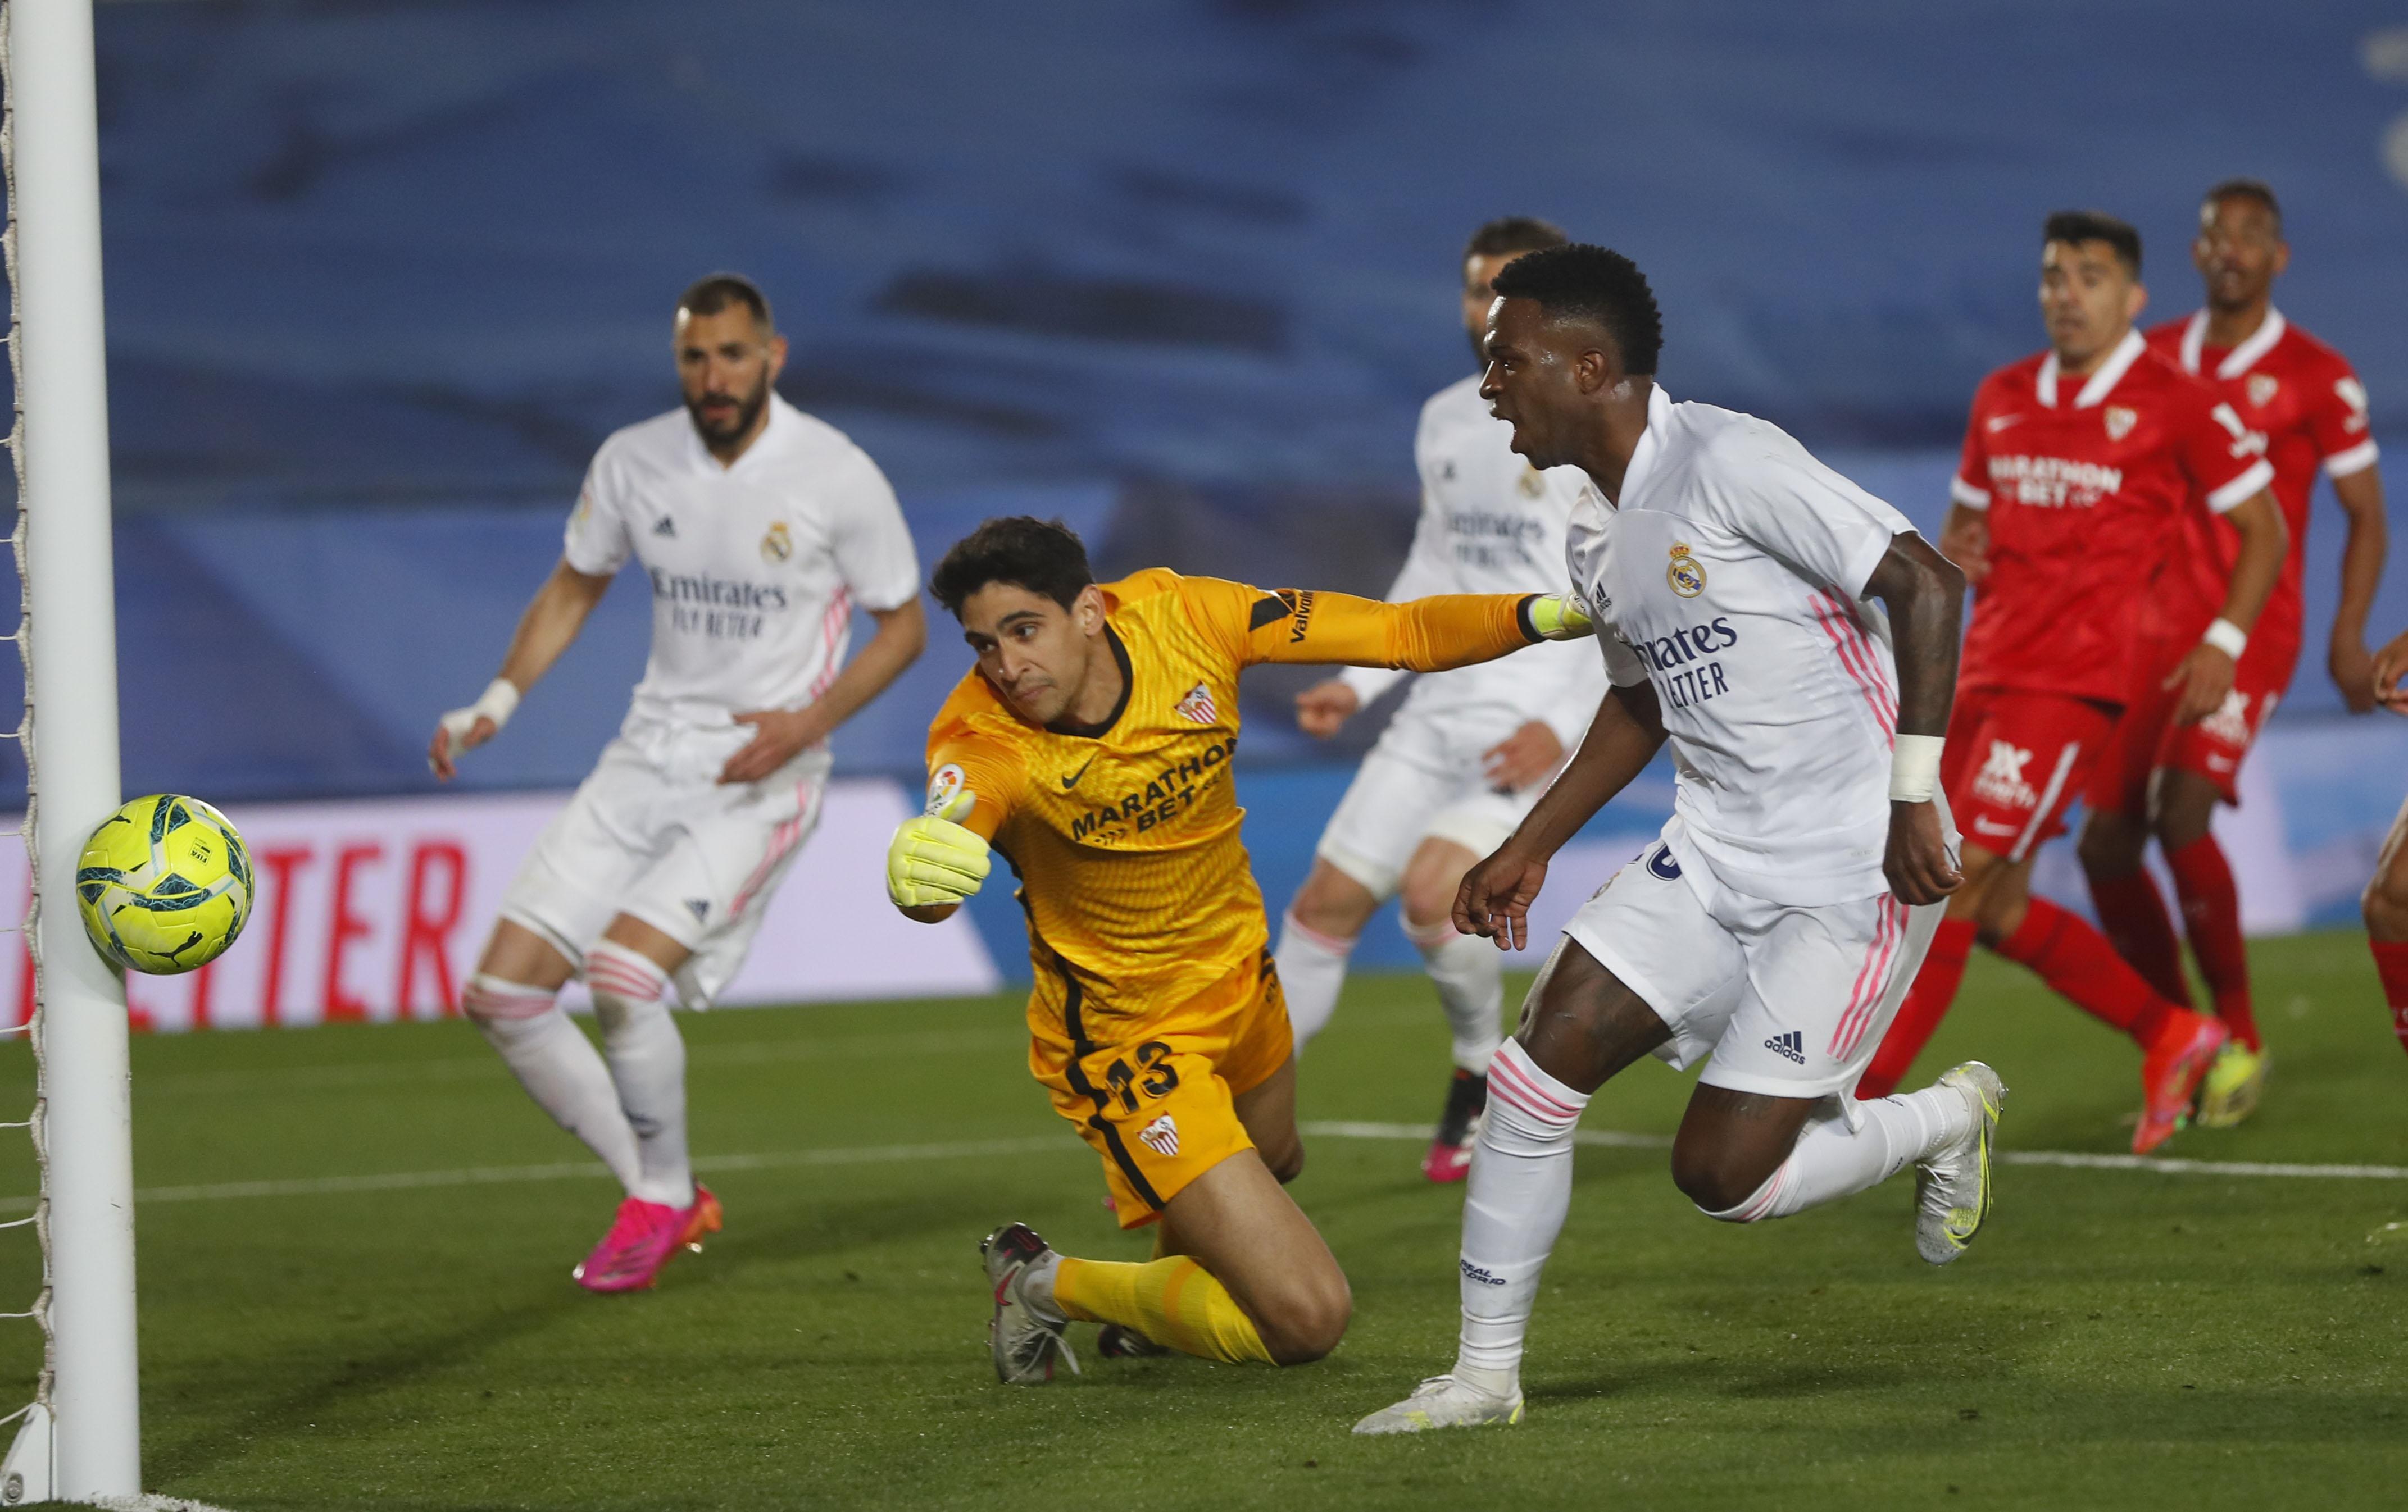 阿森西奥破门阿扎尔绝平,皇马2-2塞维利亚升至第二_虎扑国际足球新闻